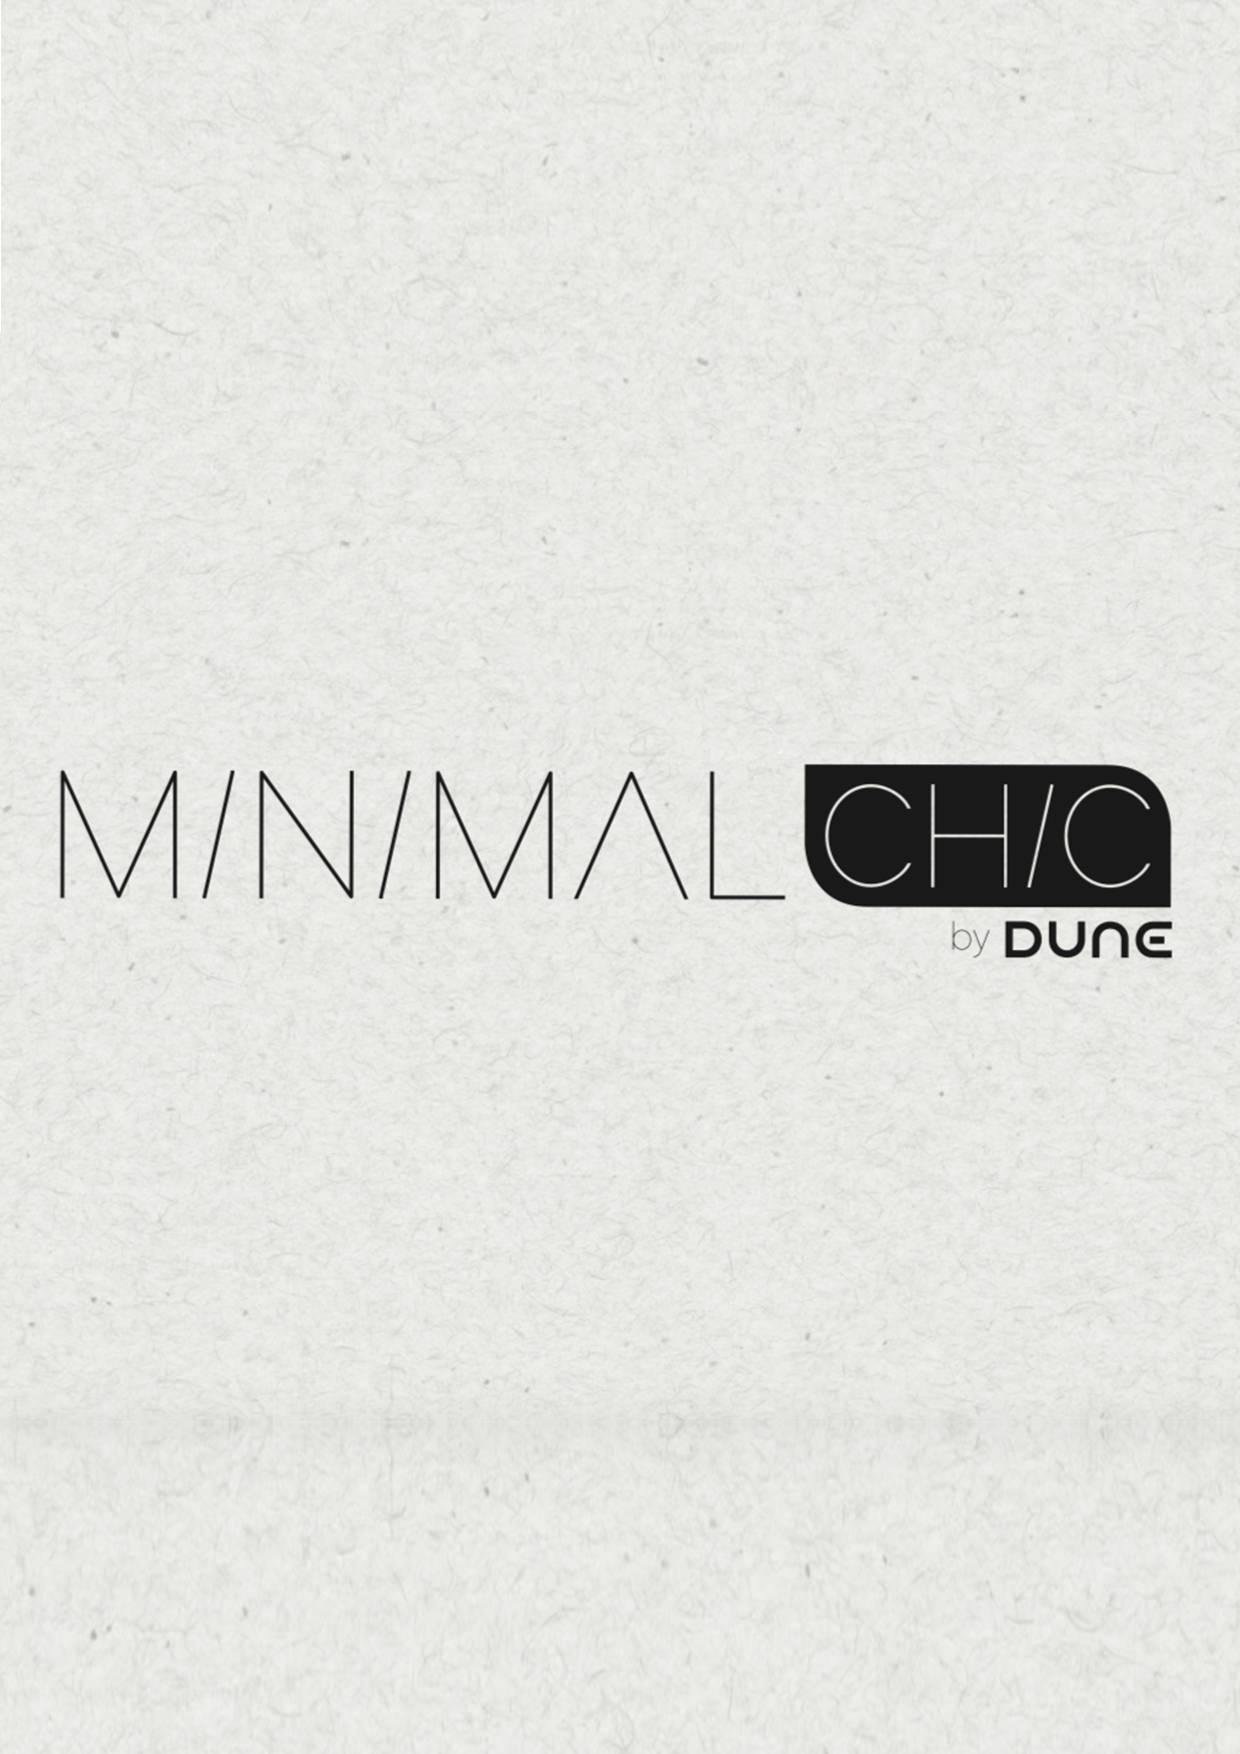 MINIMAL CHIC DUNE